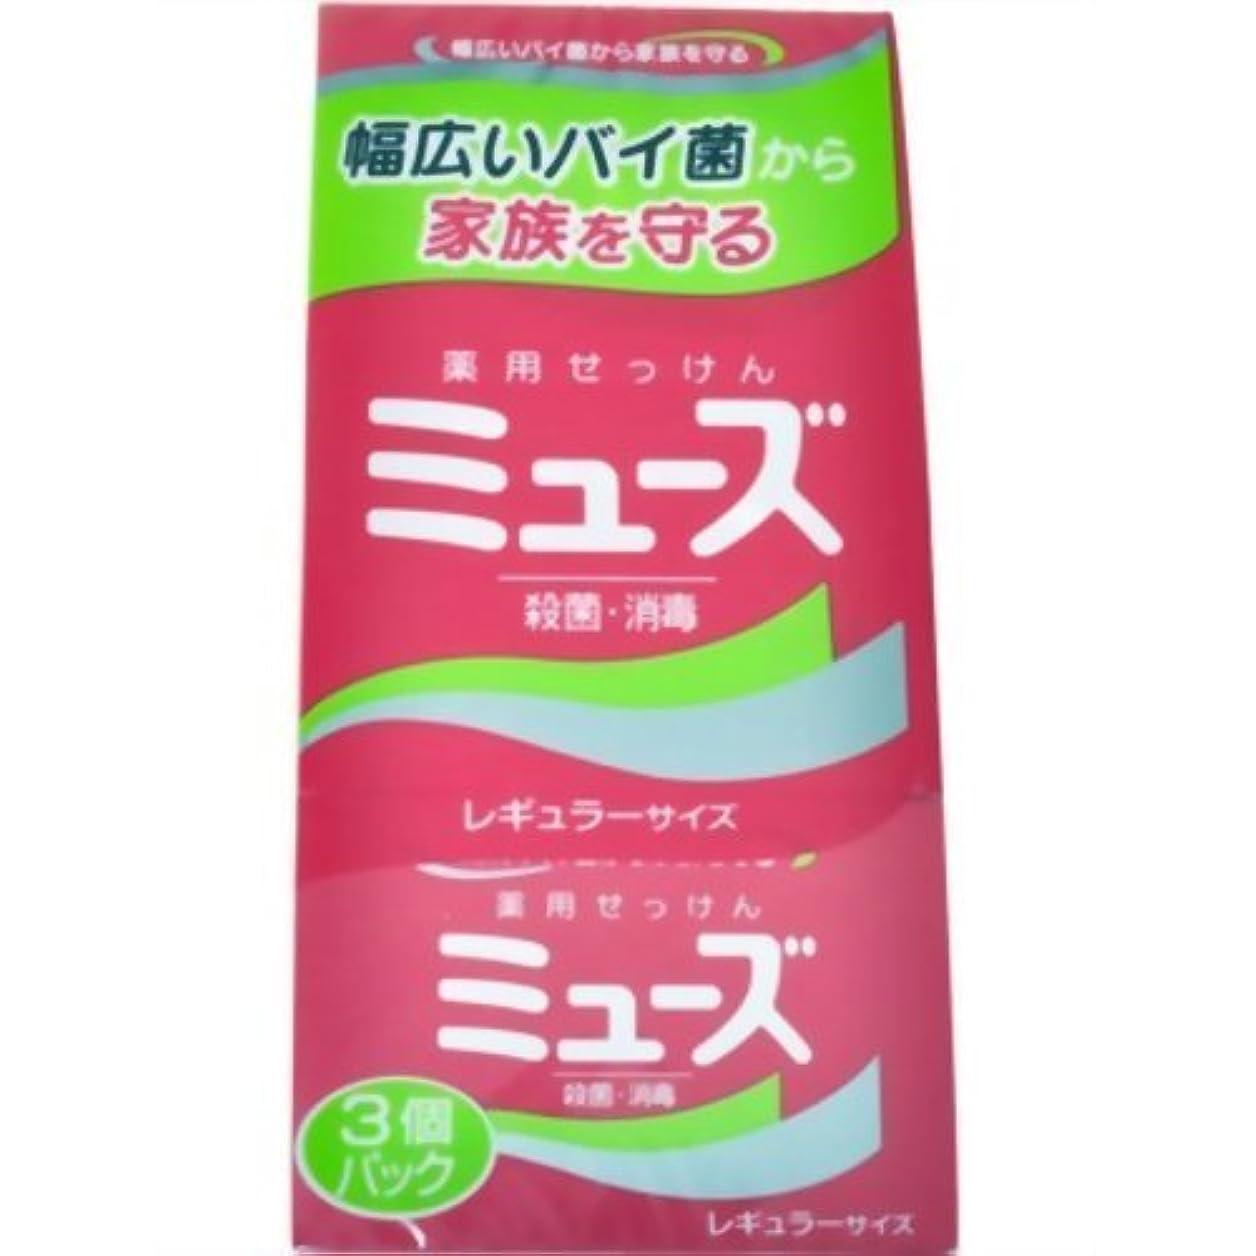 内なるバリー競争力のあるミューズ石鹸 レギュラー 3P ×10個セット